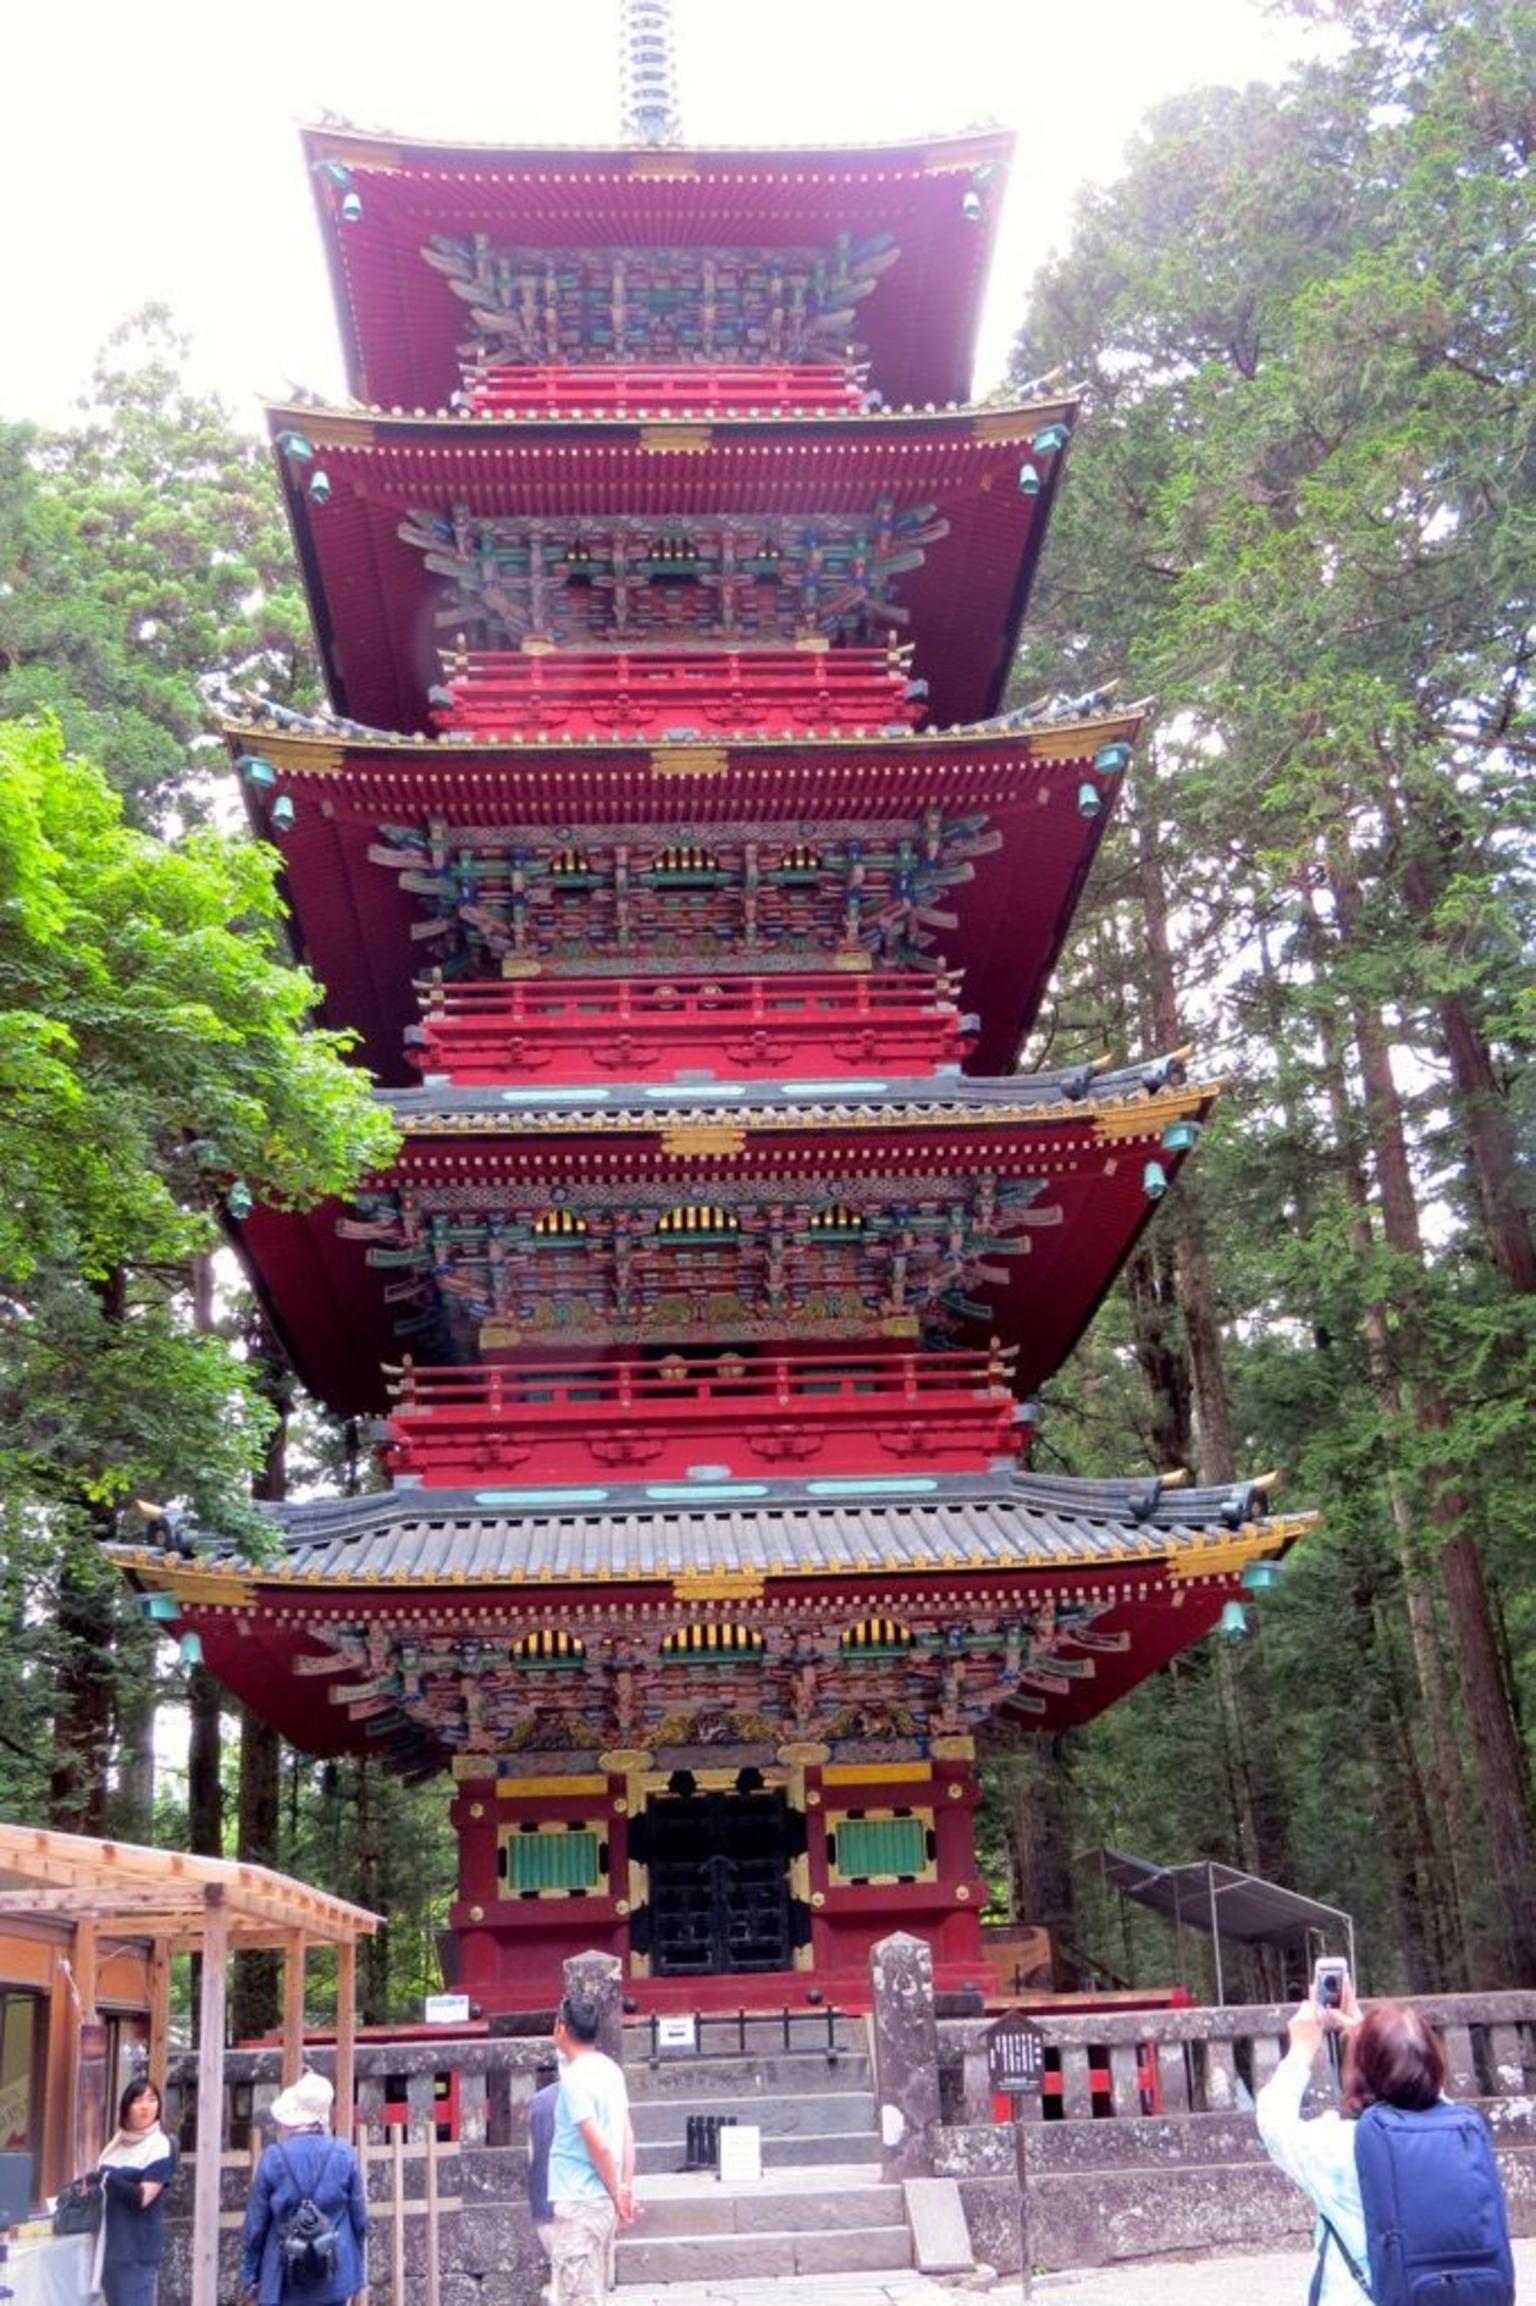 MÁS FOTOS, Recorrido de 1 día en autobús por Nikko: enclave Patrimonio de la Humanidad de Nikko Toshogu, el lago Chuzenji y las cataratas Kegon